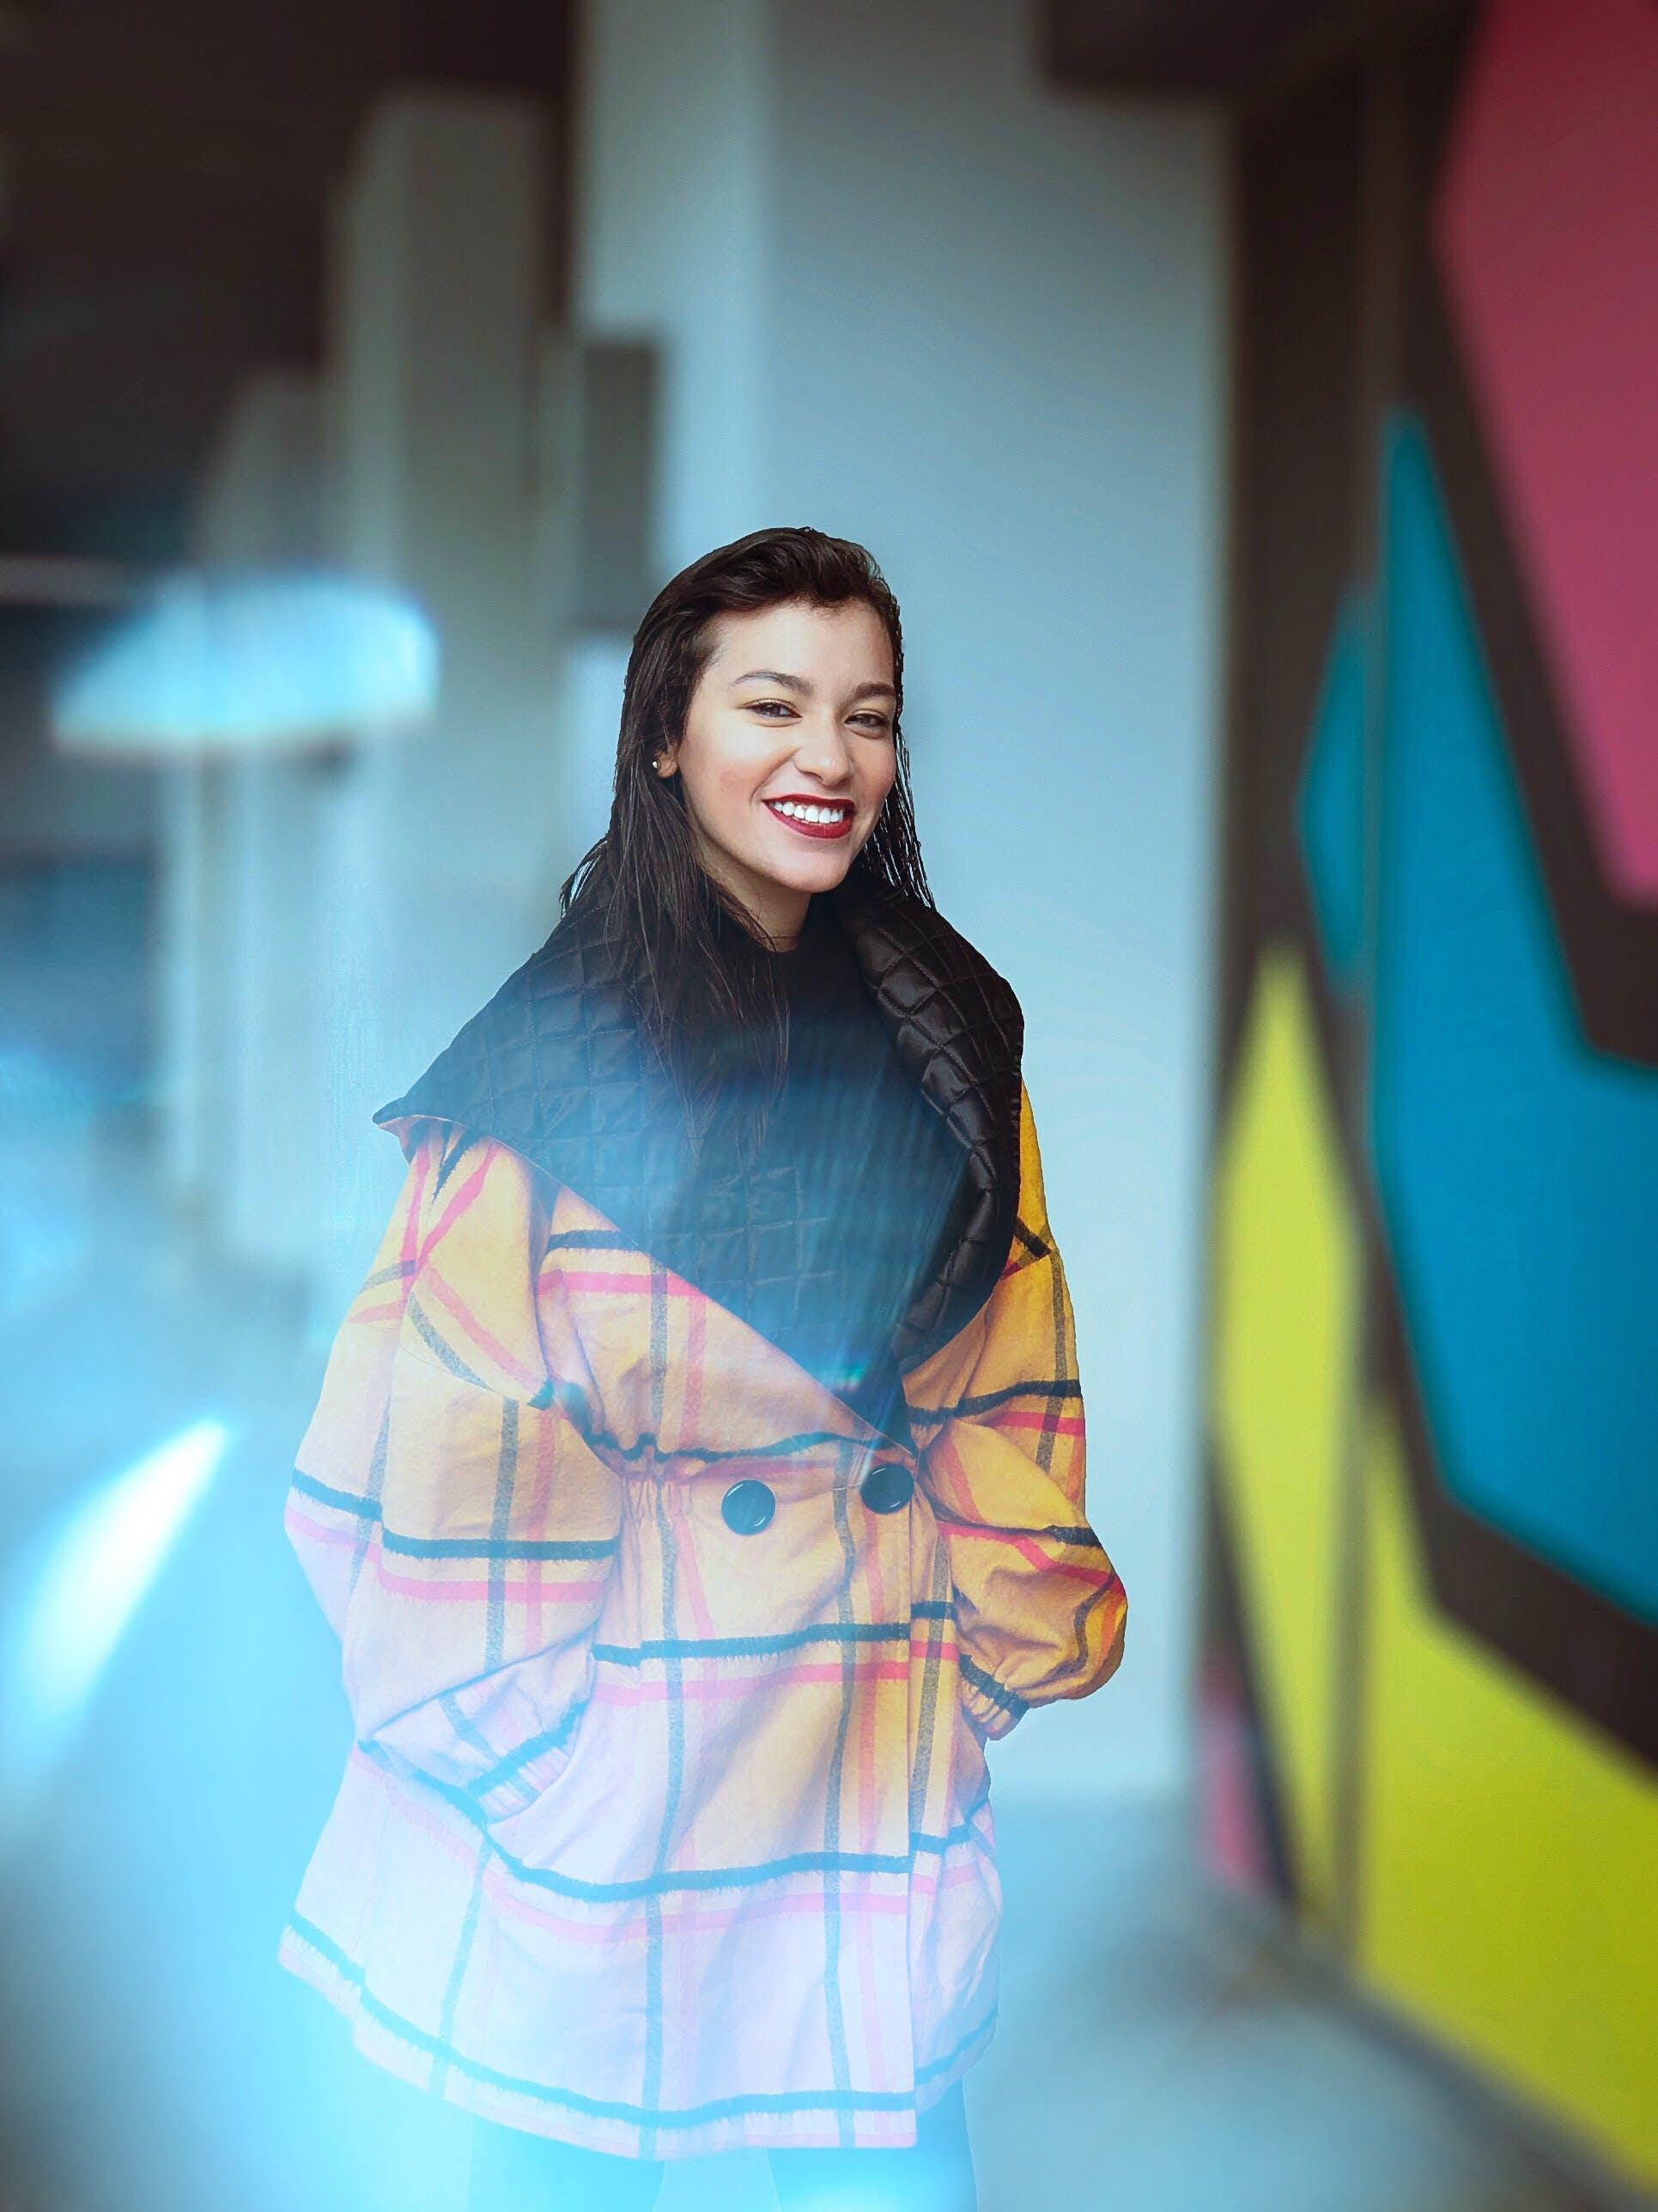 Woman Wearing Yellow Coat Smiling Near Wall